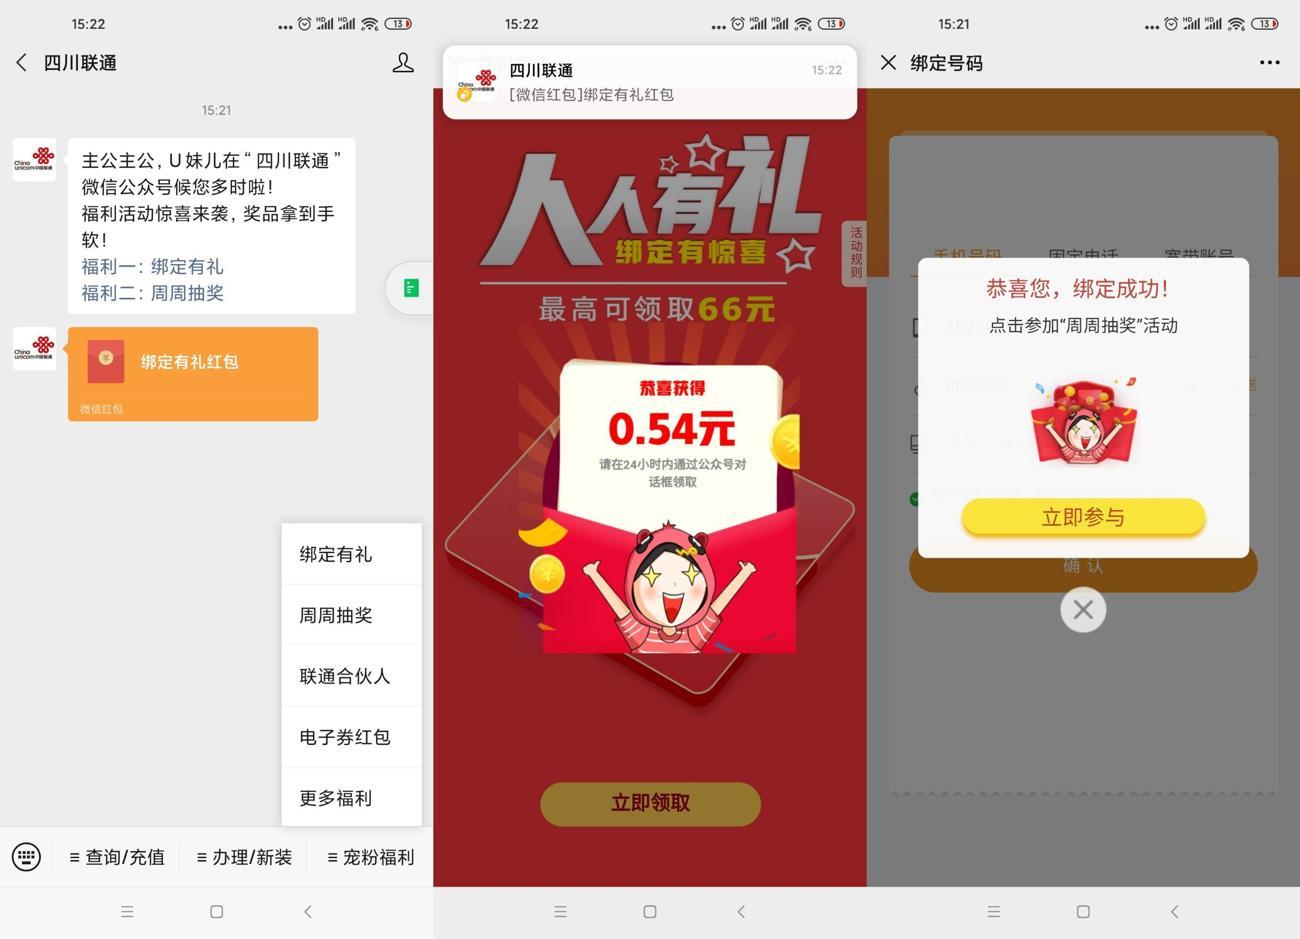 四川联通不限地区绑定手机 领最高66元微信红包